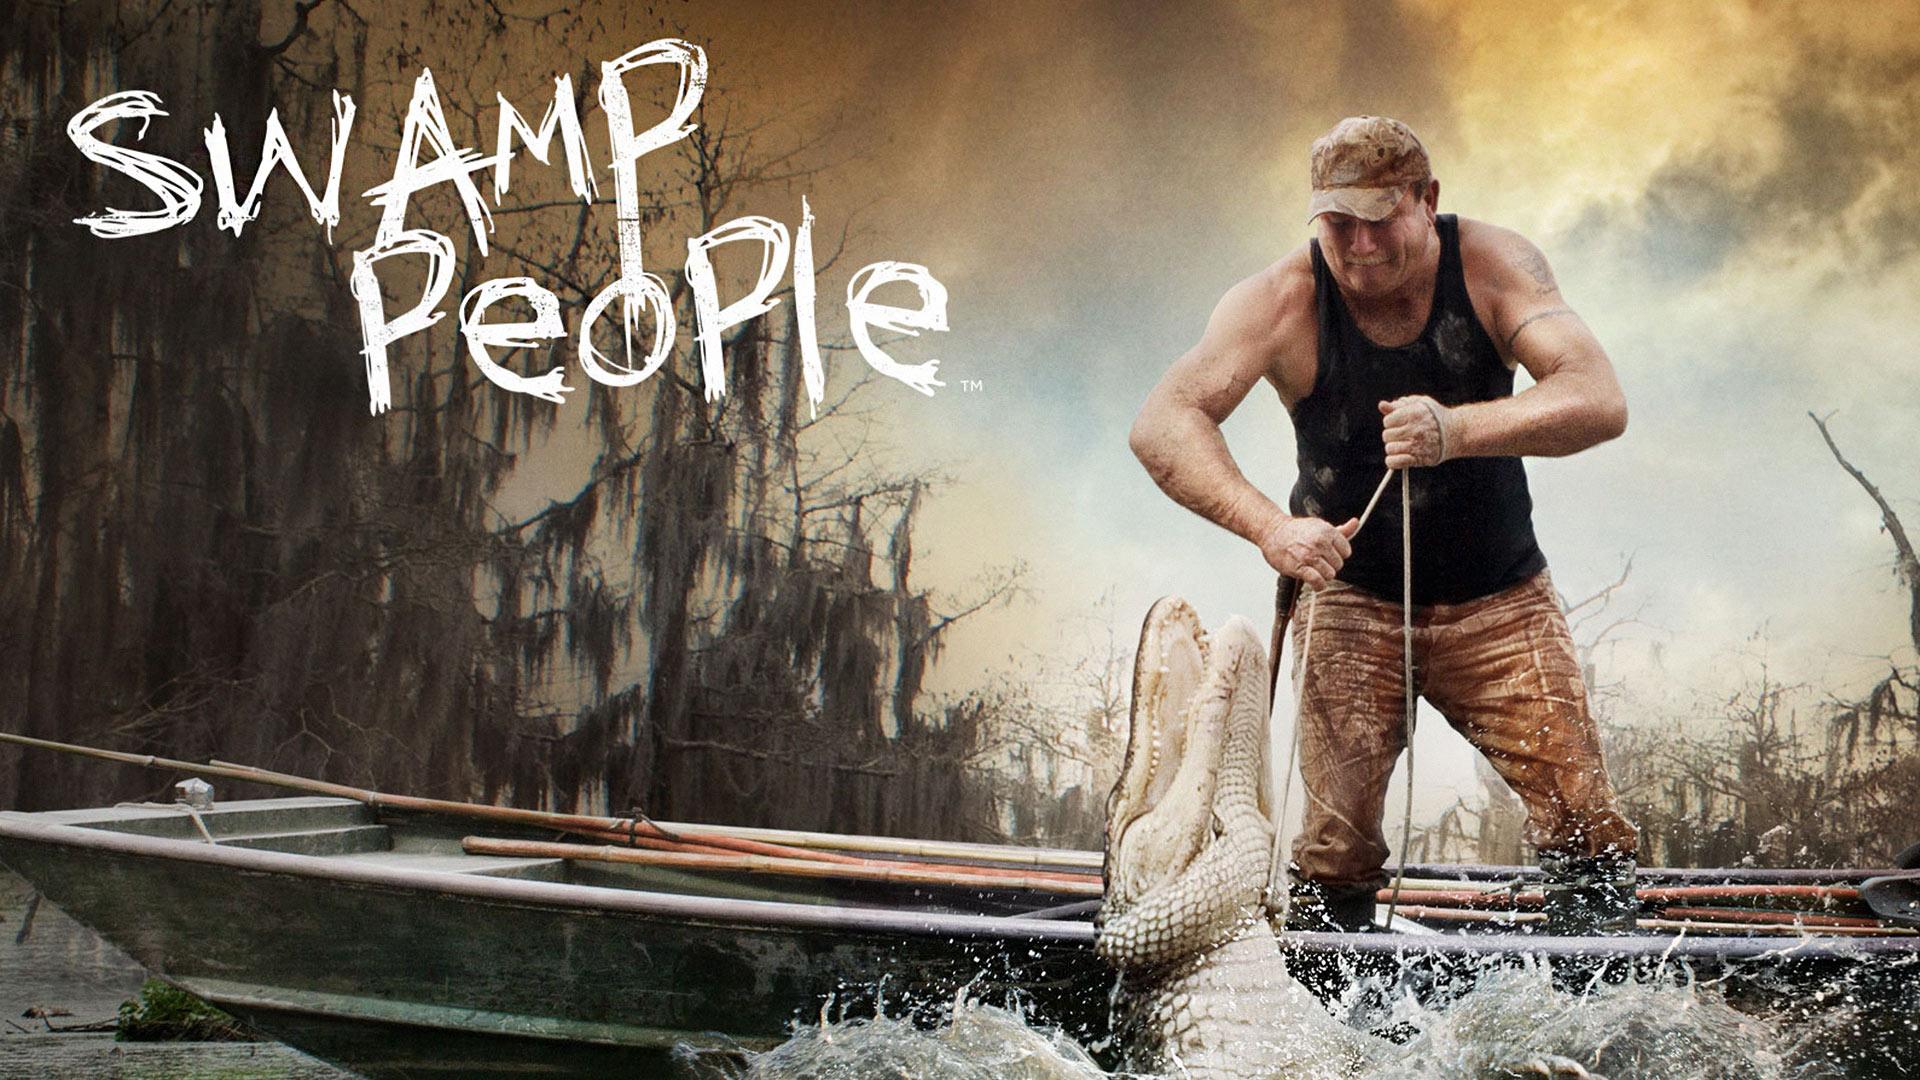 Swamp People Season 1